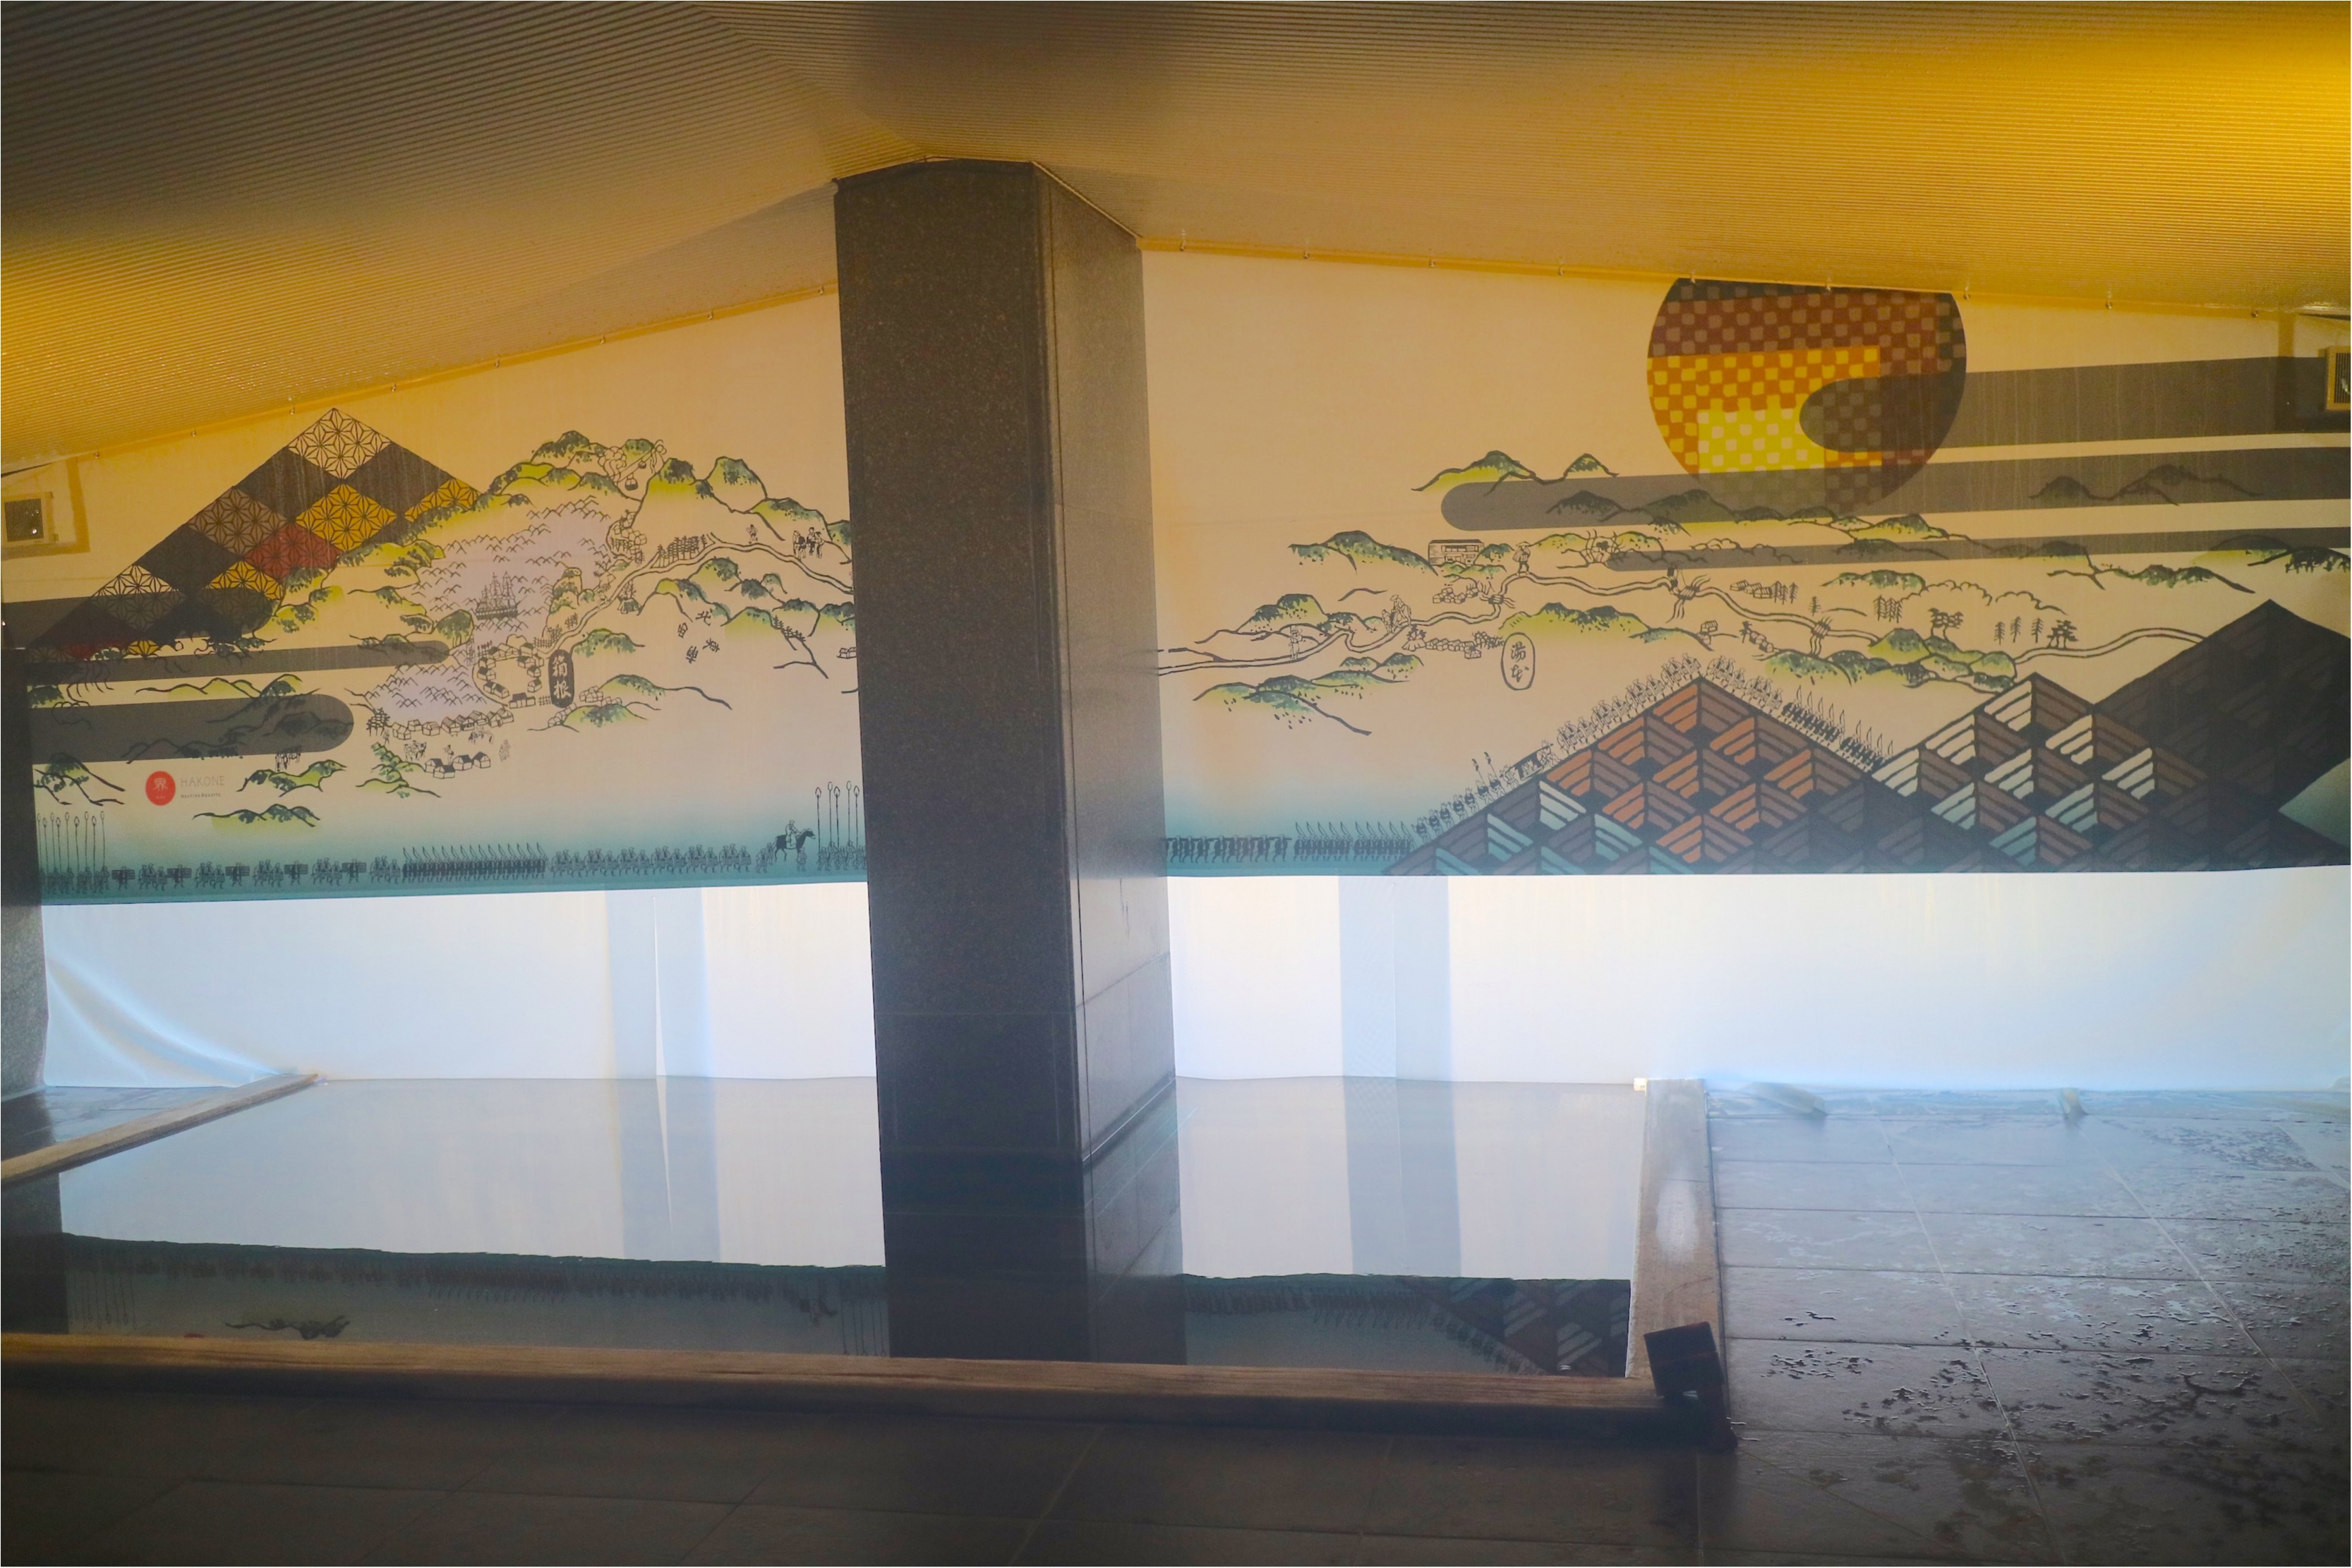 女子旅するなら『星野リゾート 界 箱根』が絶対楽しい♡ リニューアルオープンした【女子旅部屋】とは!?_3